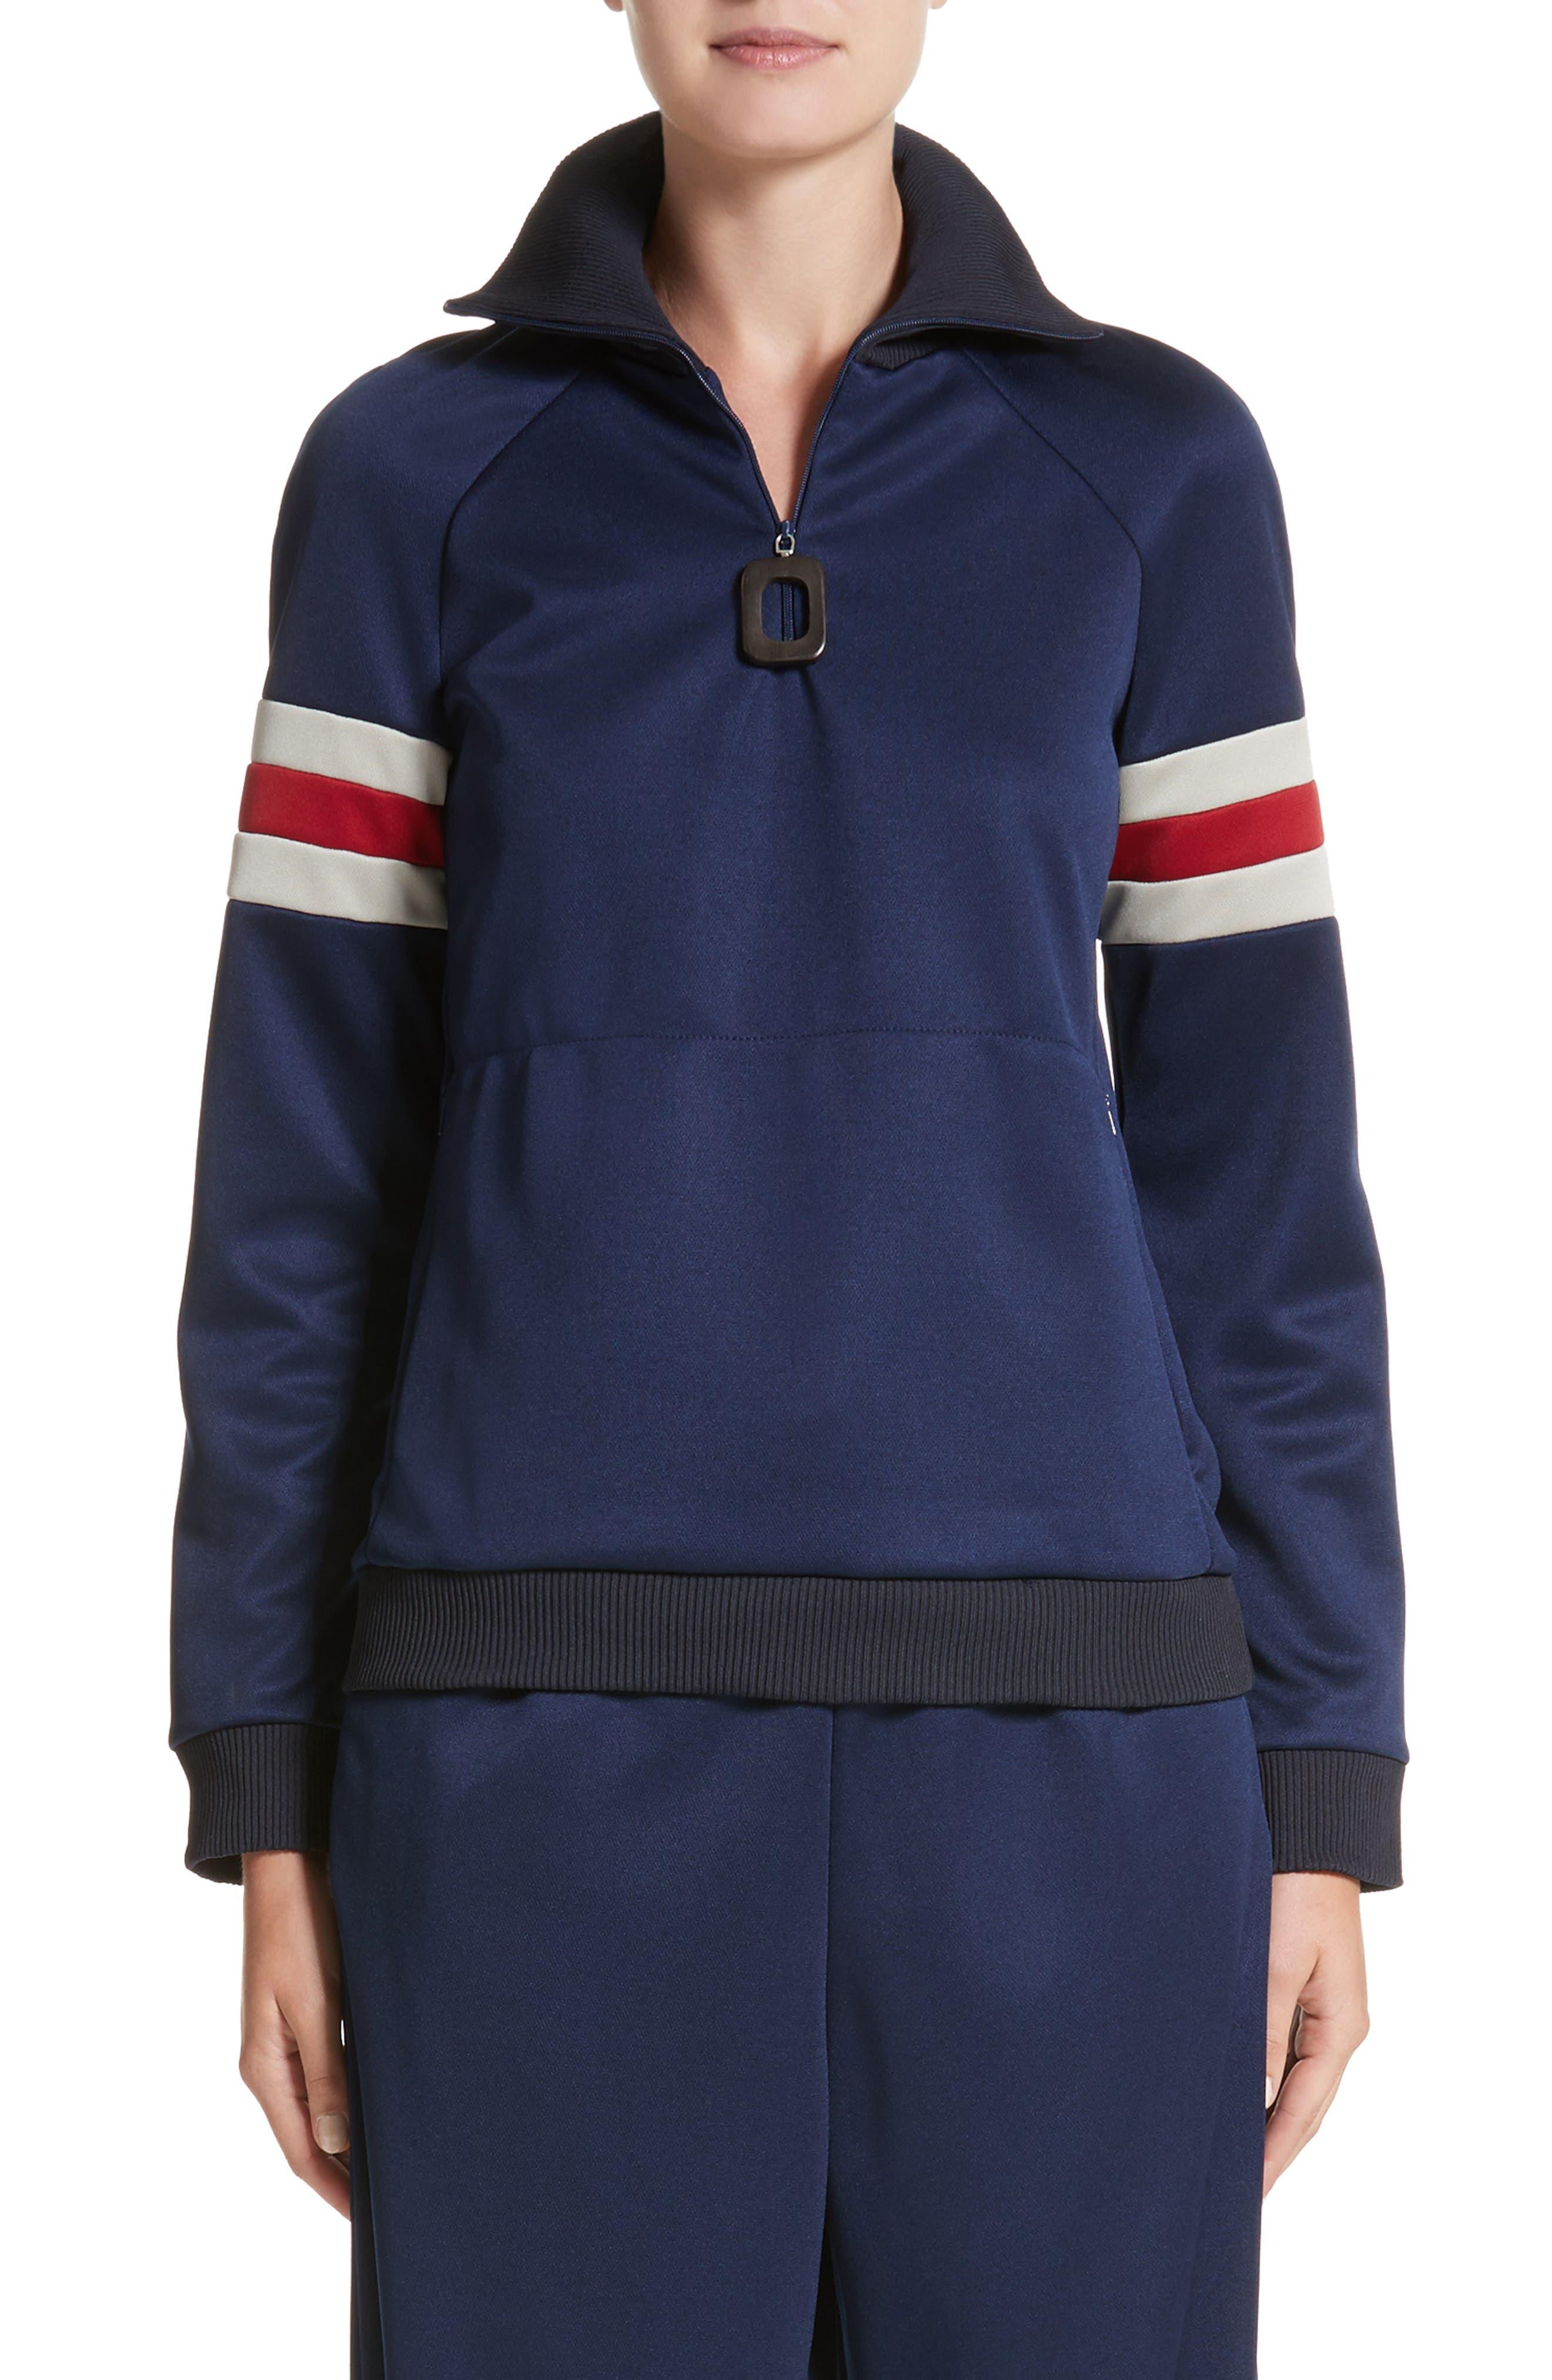 J.W.ANDERSON Athletic Half Zip Pullover